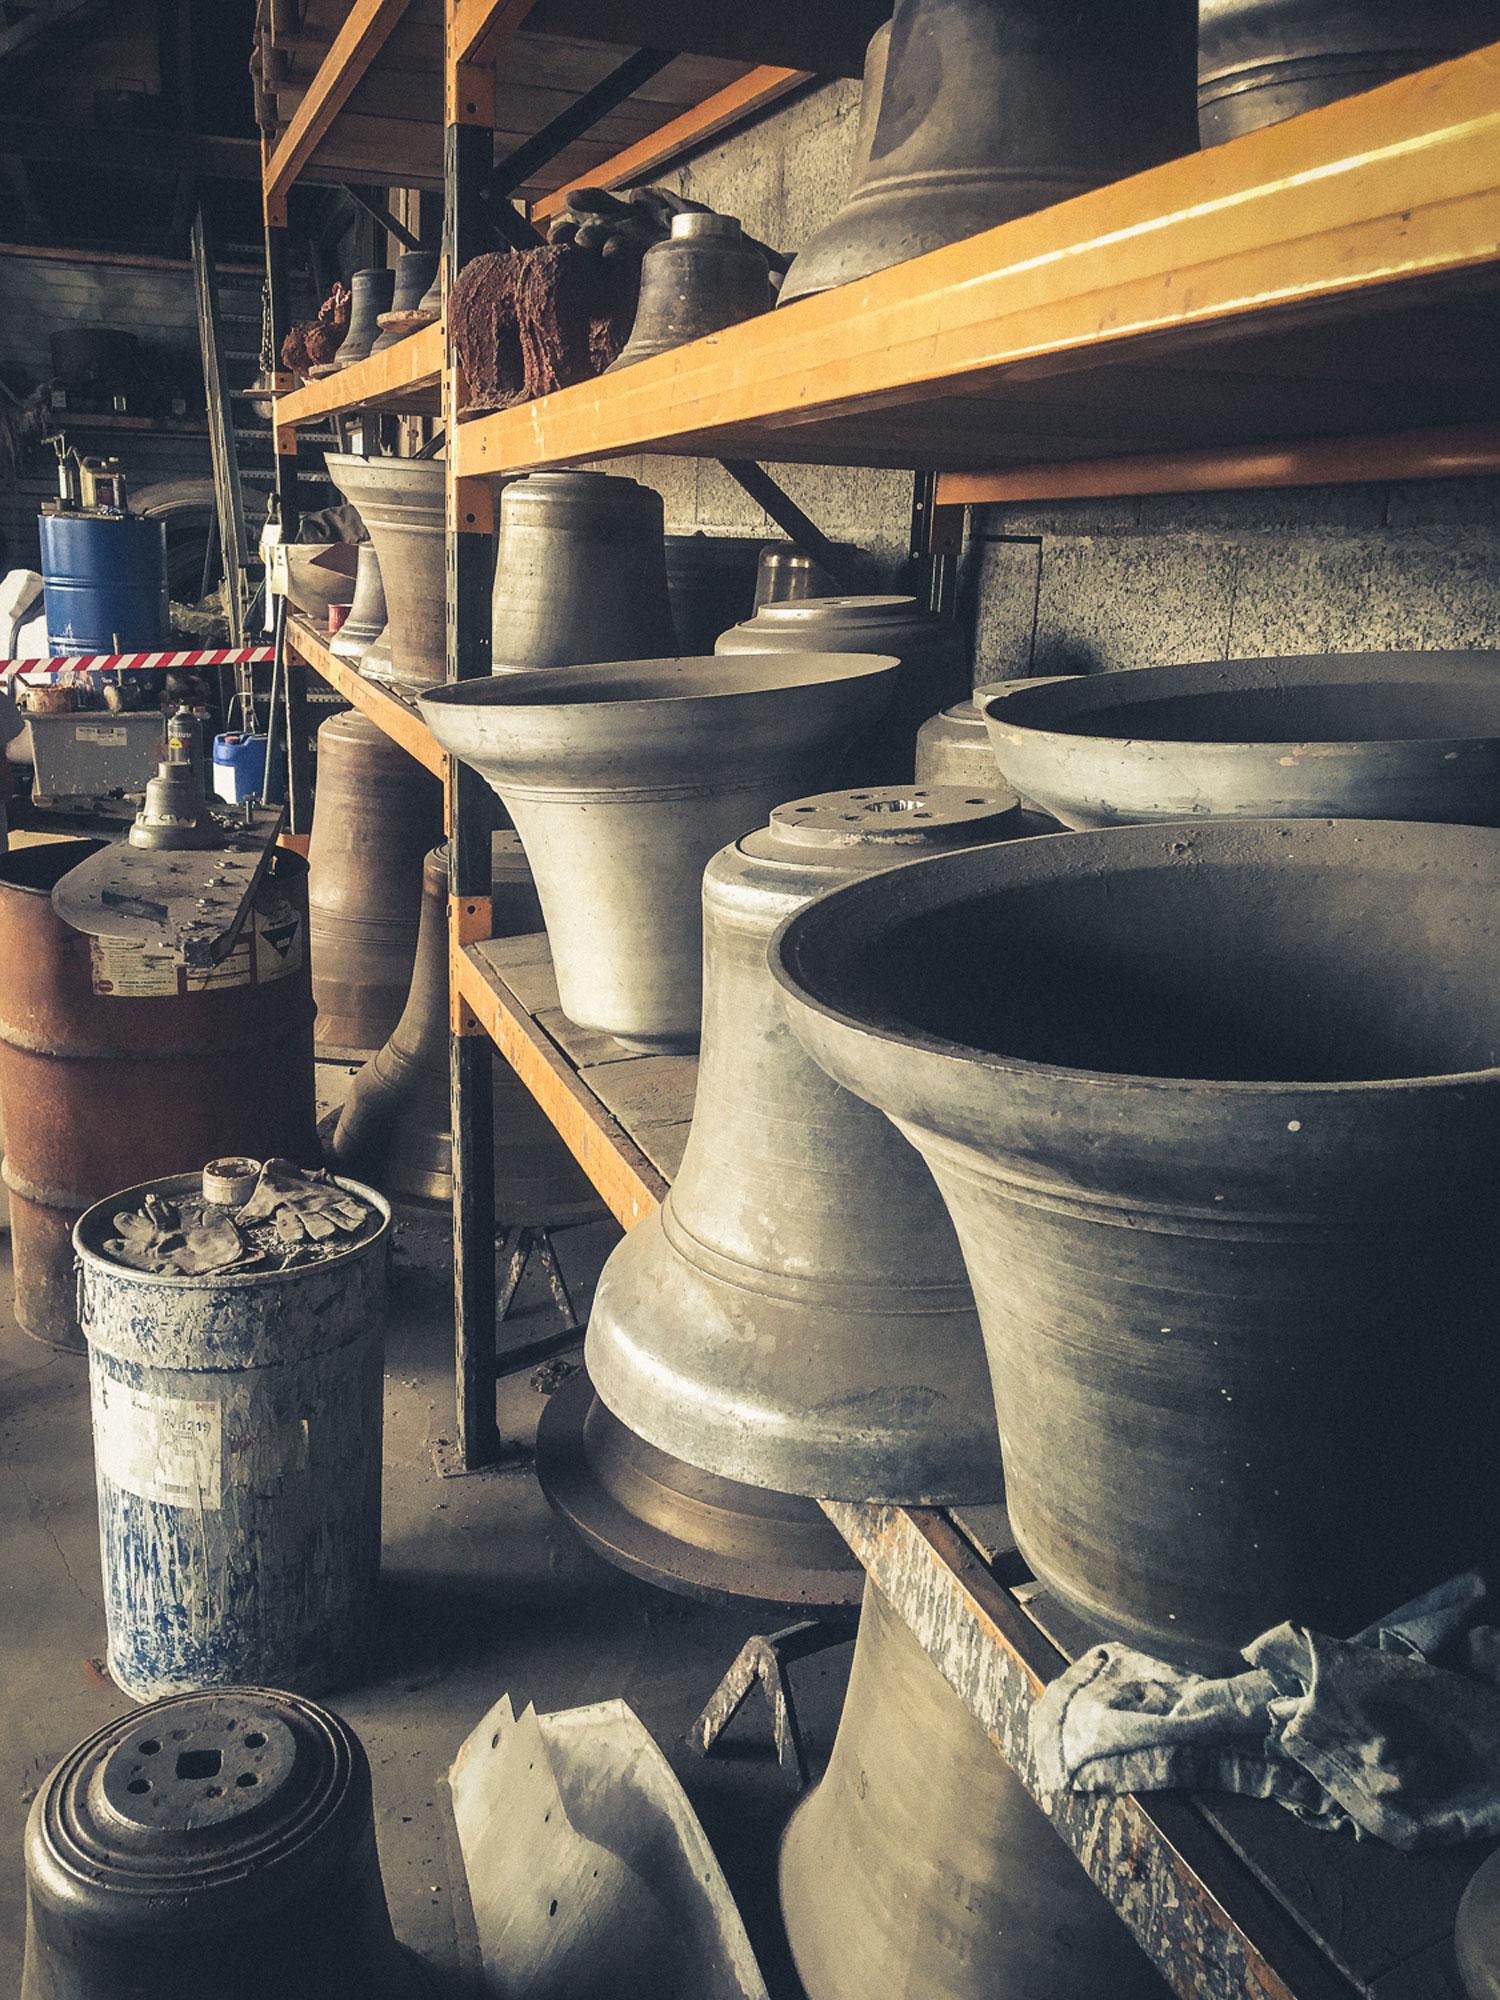 Musée de fonderie Paccard près d'Annecy